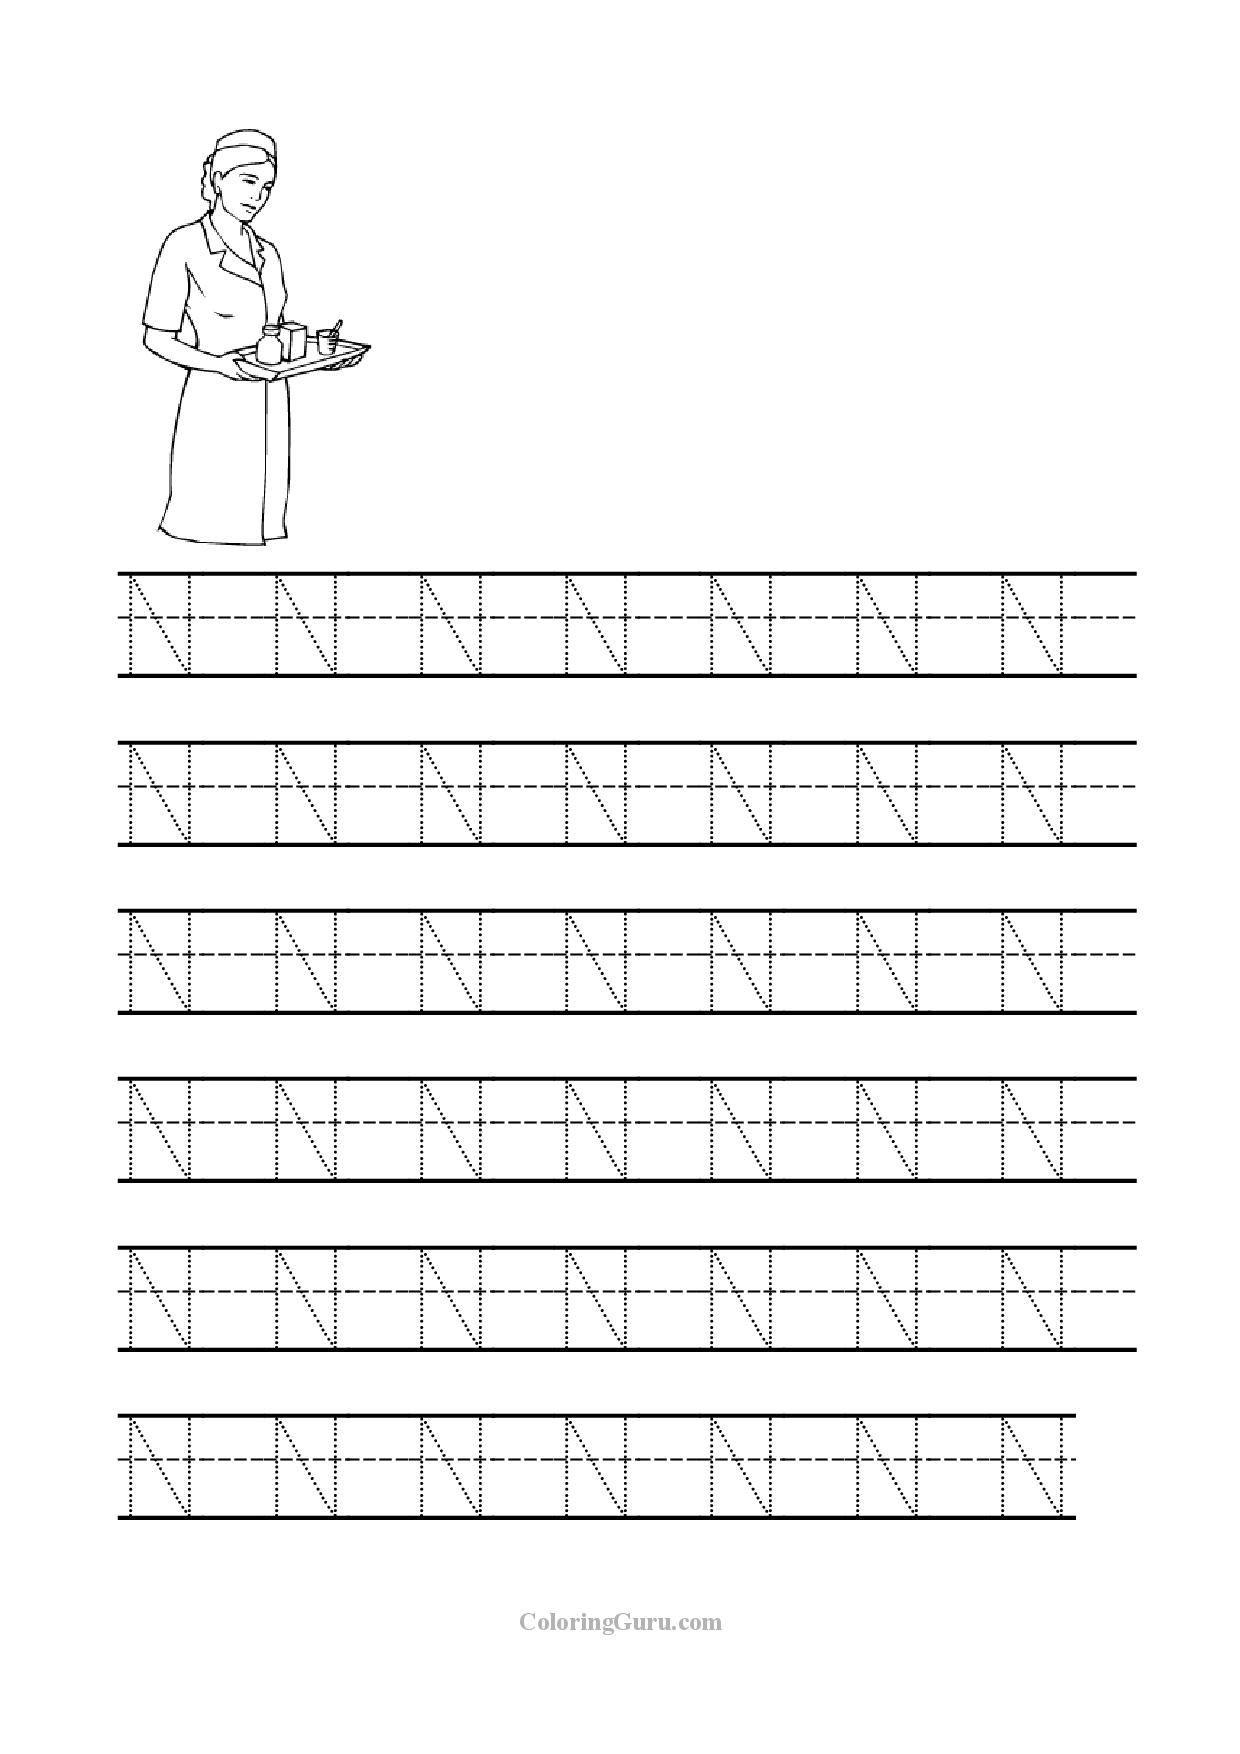 Letter N Worksheets for Kindergarten Free Printable Tracing Letter N Worksheets for Preschool